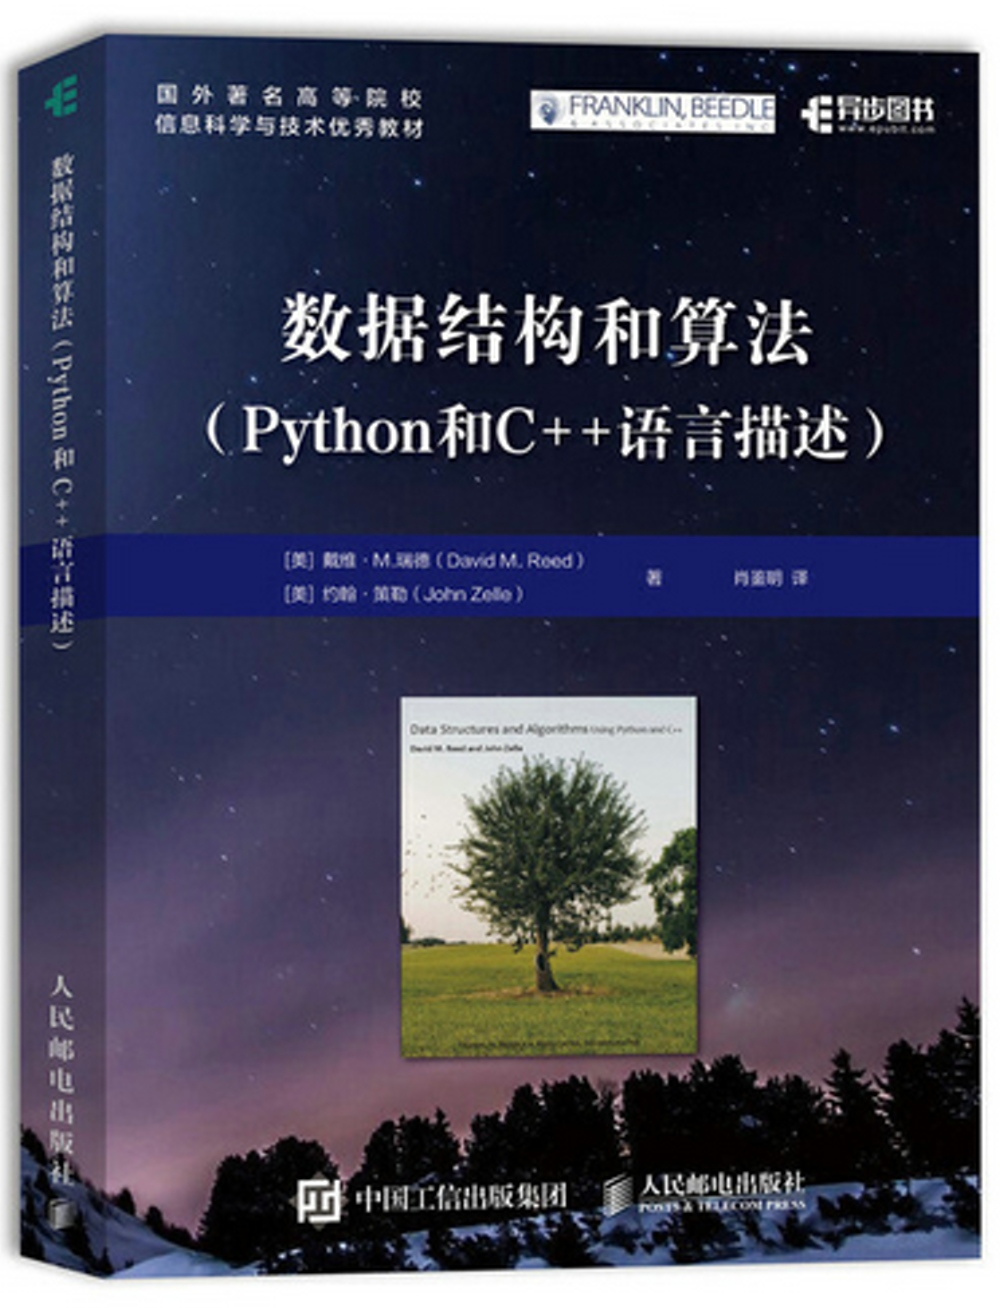 數據結構和演算法(Python和C++語言描述)